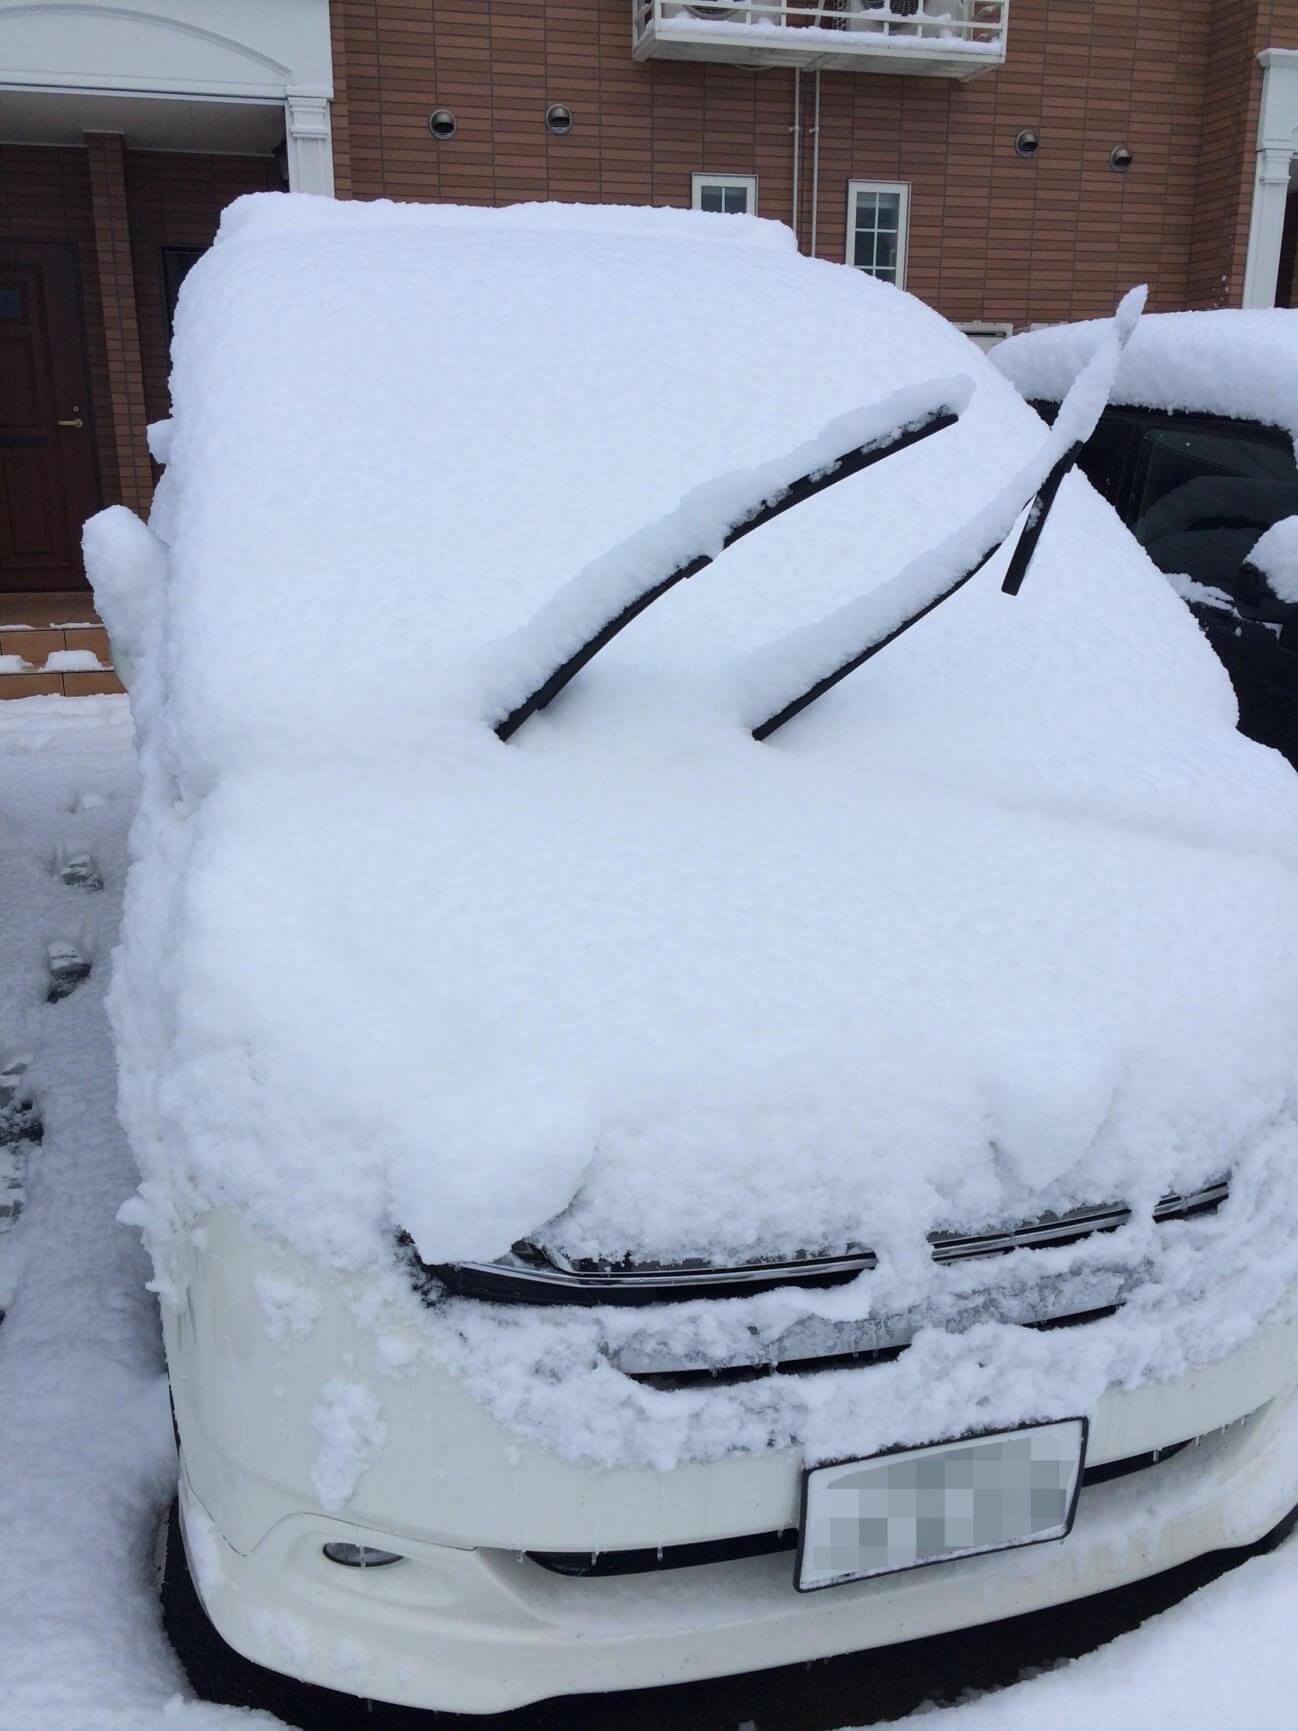 【積雪が原因して車が損傷する場合】